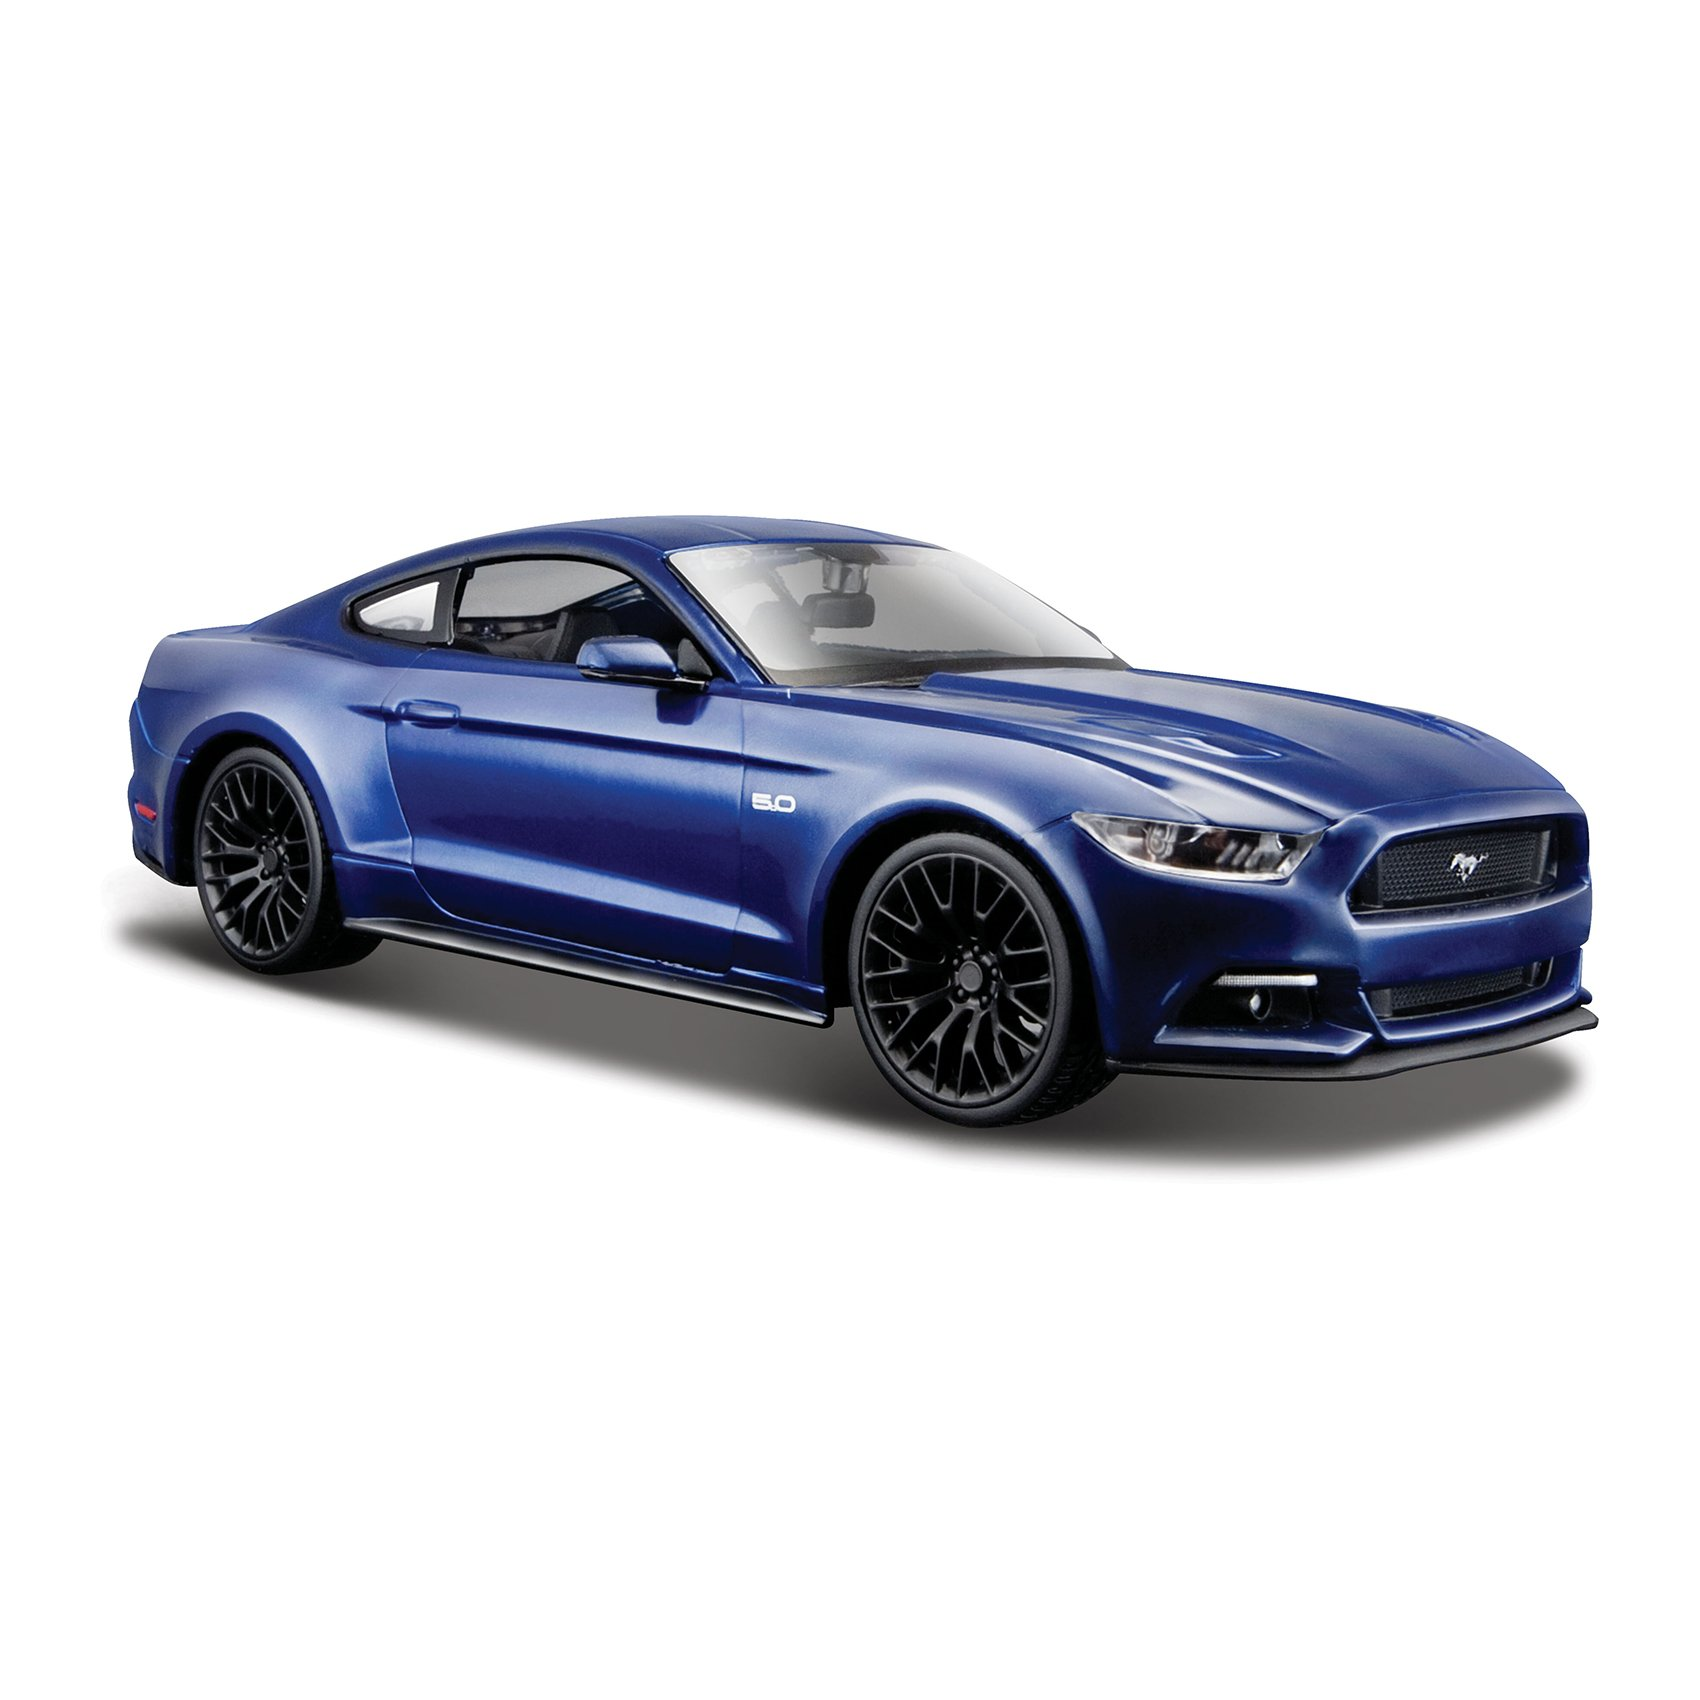 Masinuta Maisto Ford Mustang 2015 1:24